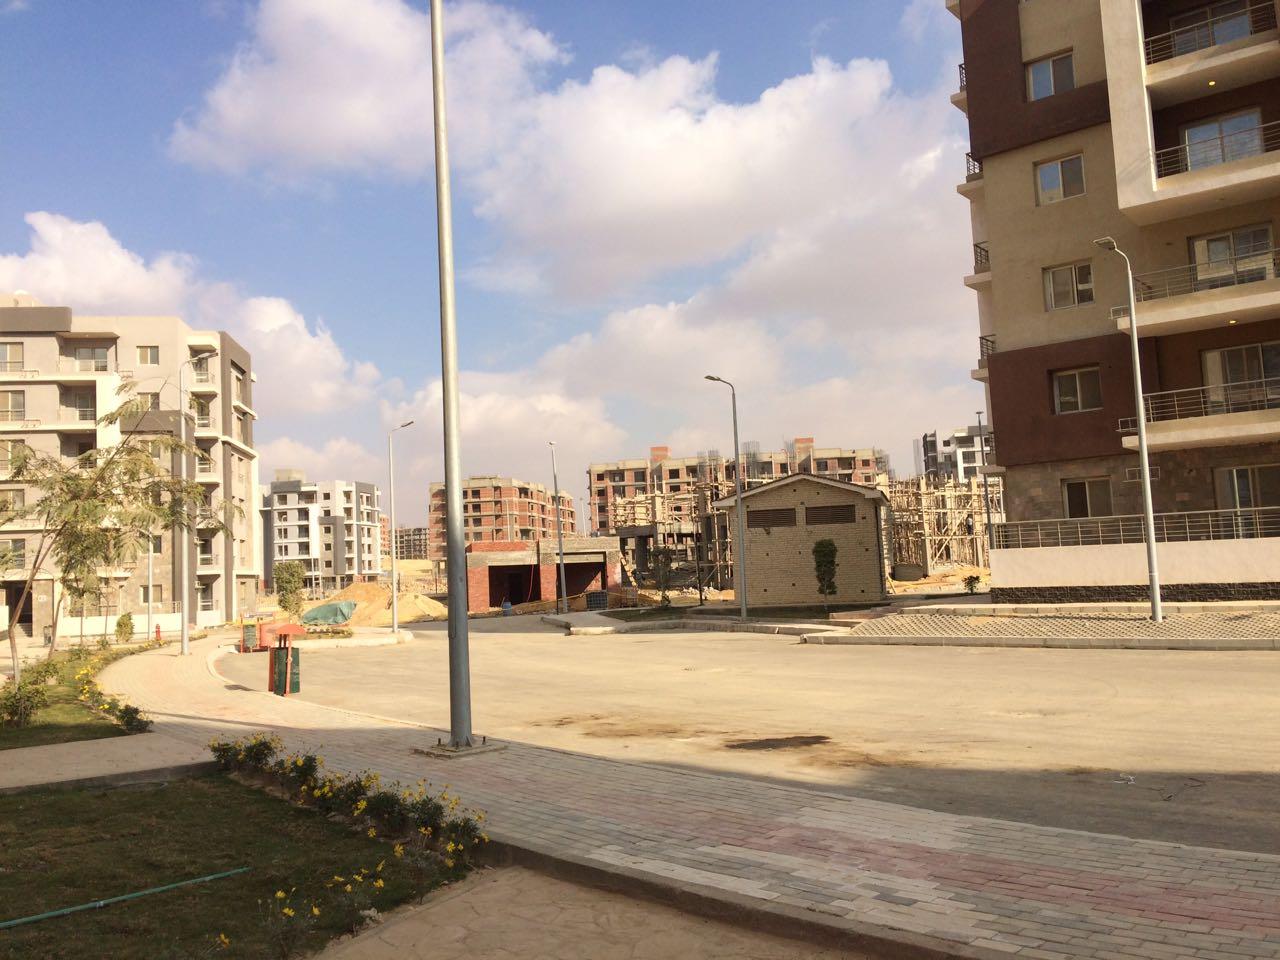 اليوم السابع داخل مشروع دار مصر بالقاهرة الجديدة  (3)